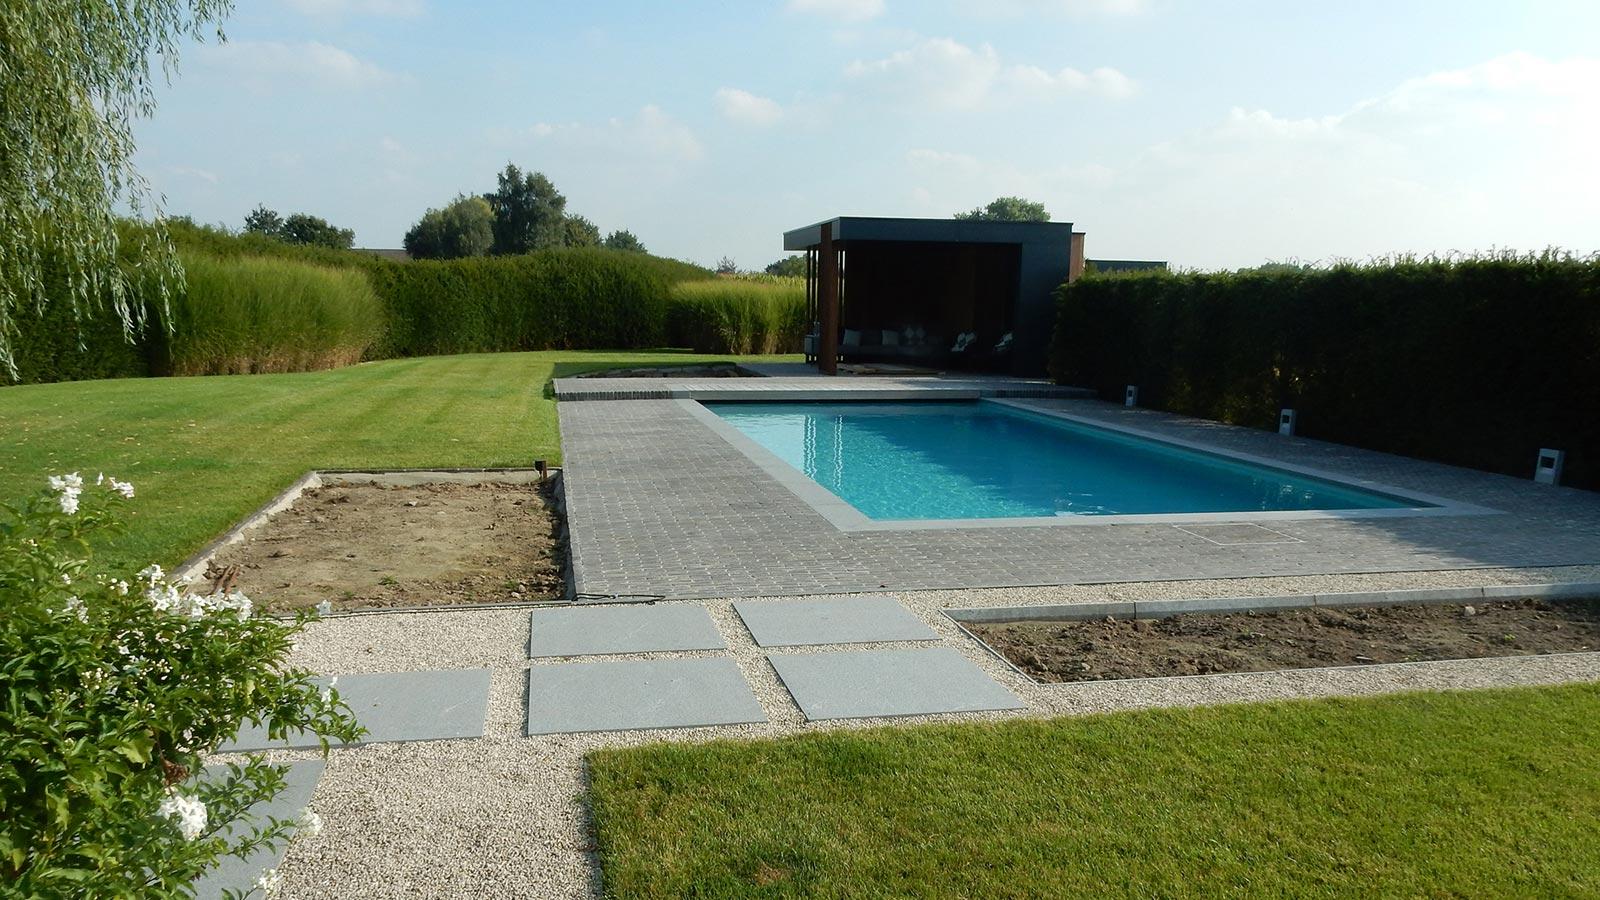 Strak poolhouse en tuinaanleg rond bestaand zwembad for Zwembad leggen